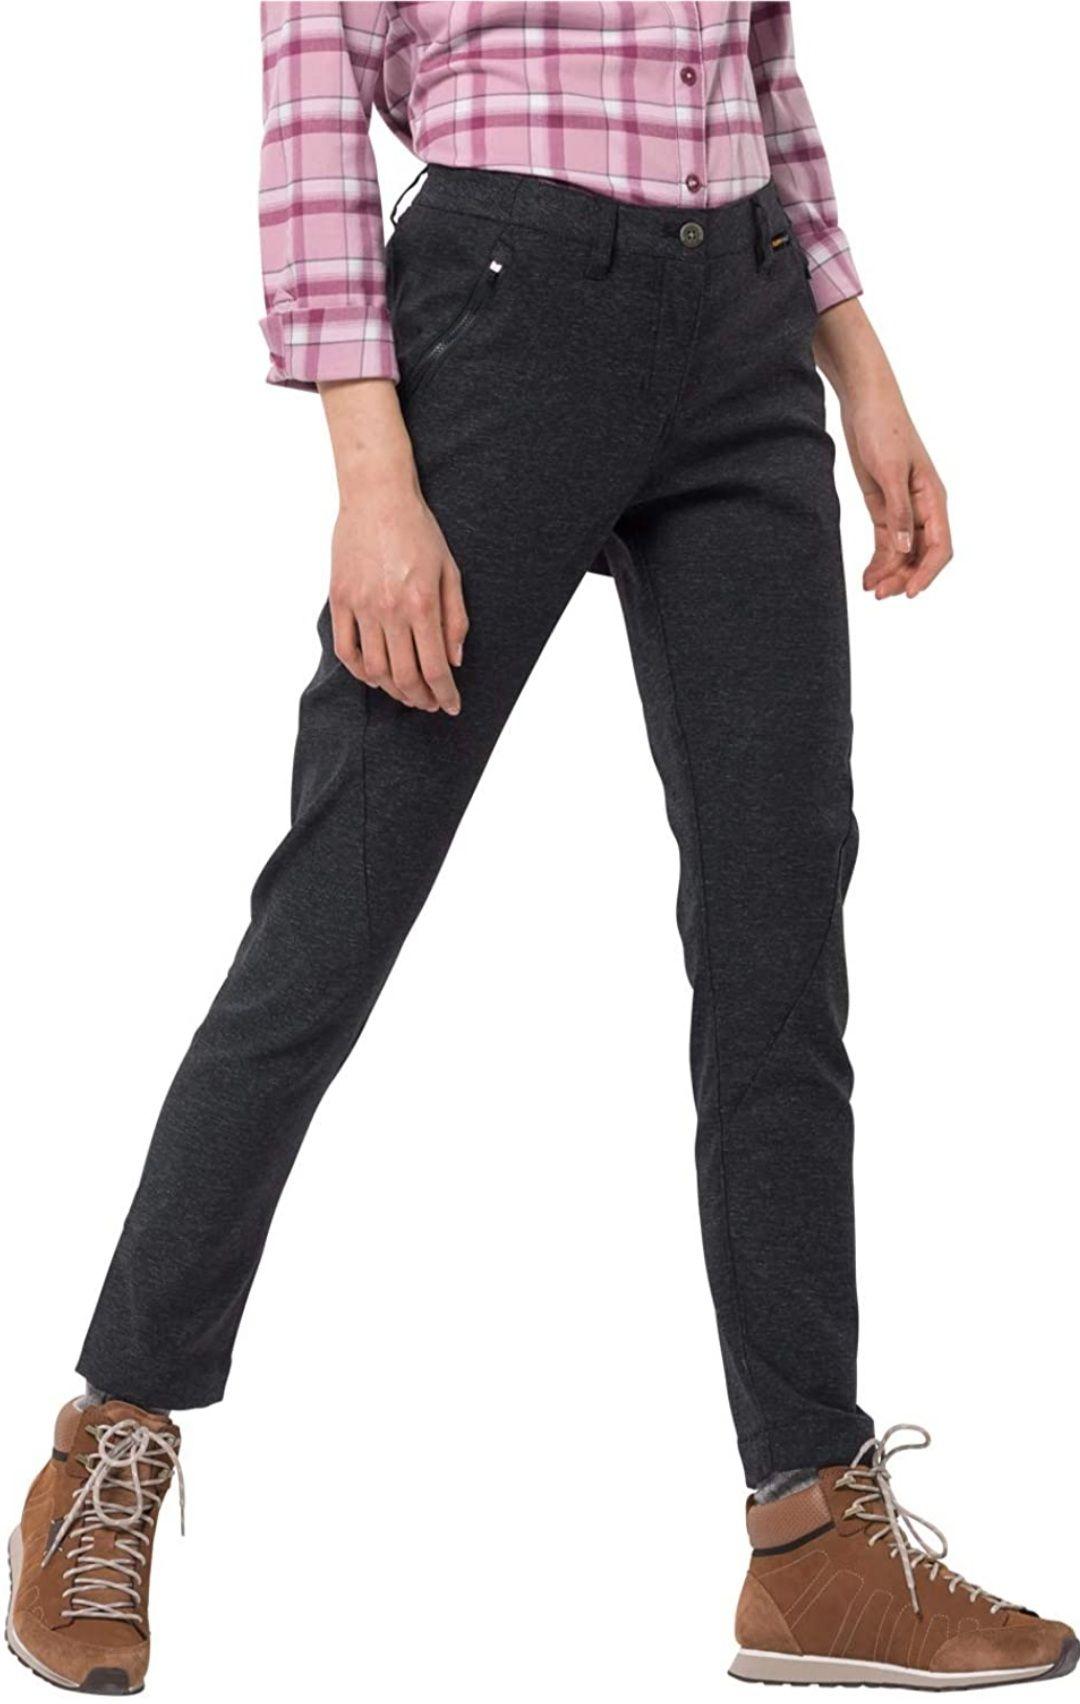 Jack Wolfskin Damen Elastische Softshellhose Winter Travel Pants Women (Amazon UK)